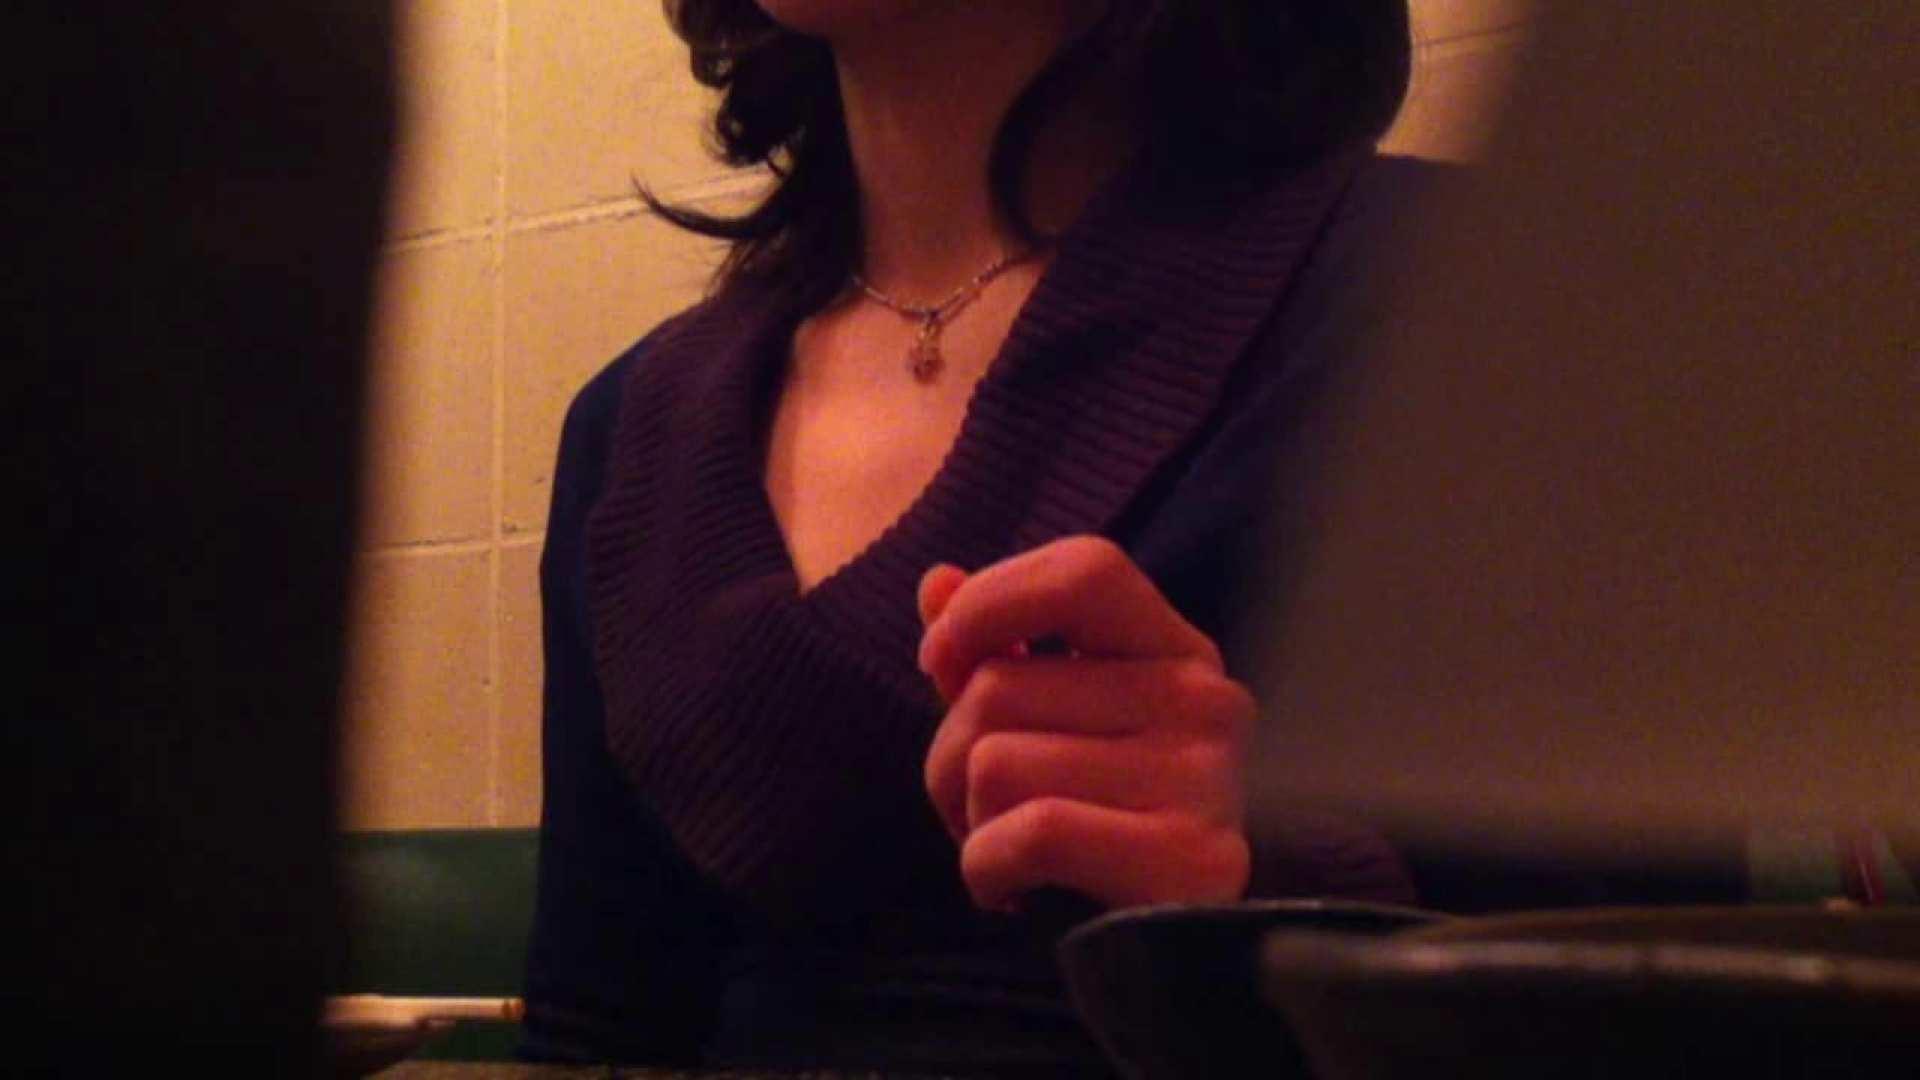 32才バツイチ子持ち現役看護婦じゅんこの変態願望Vol.1 美女OL 覗きおまんこ画像 37連発 2